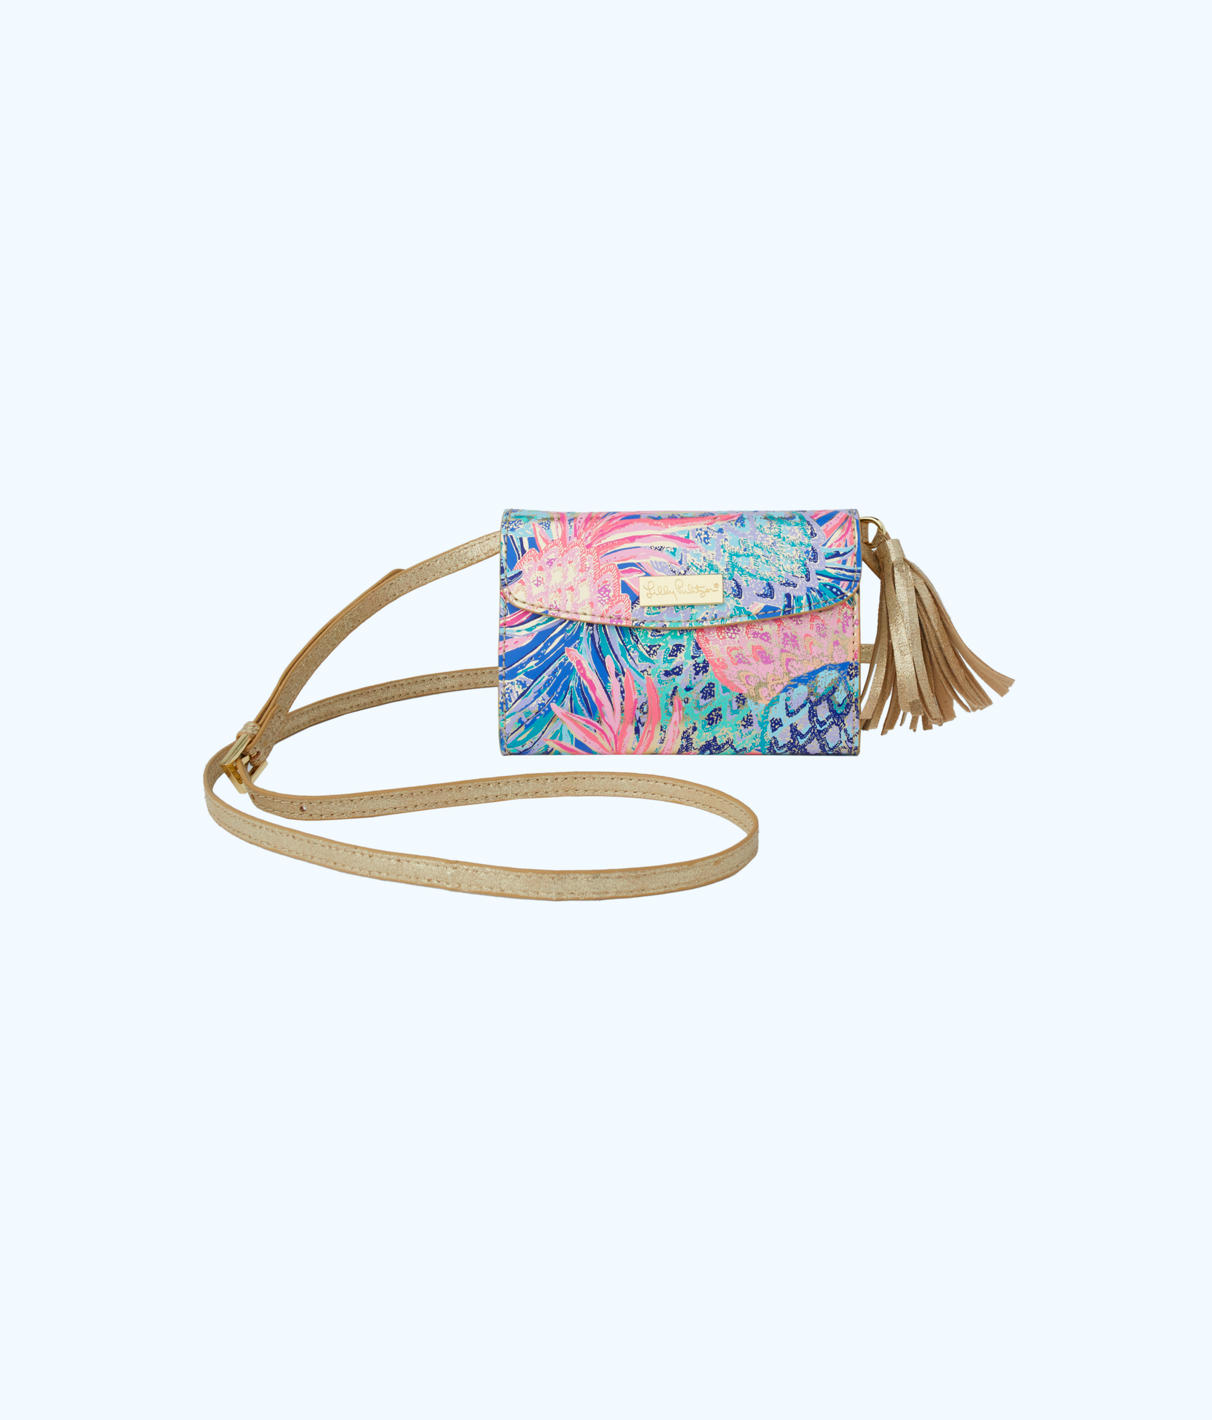 Lilly Pulitzer Lilly Pulitzer Bahama Crossbody Bag